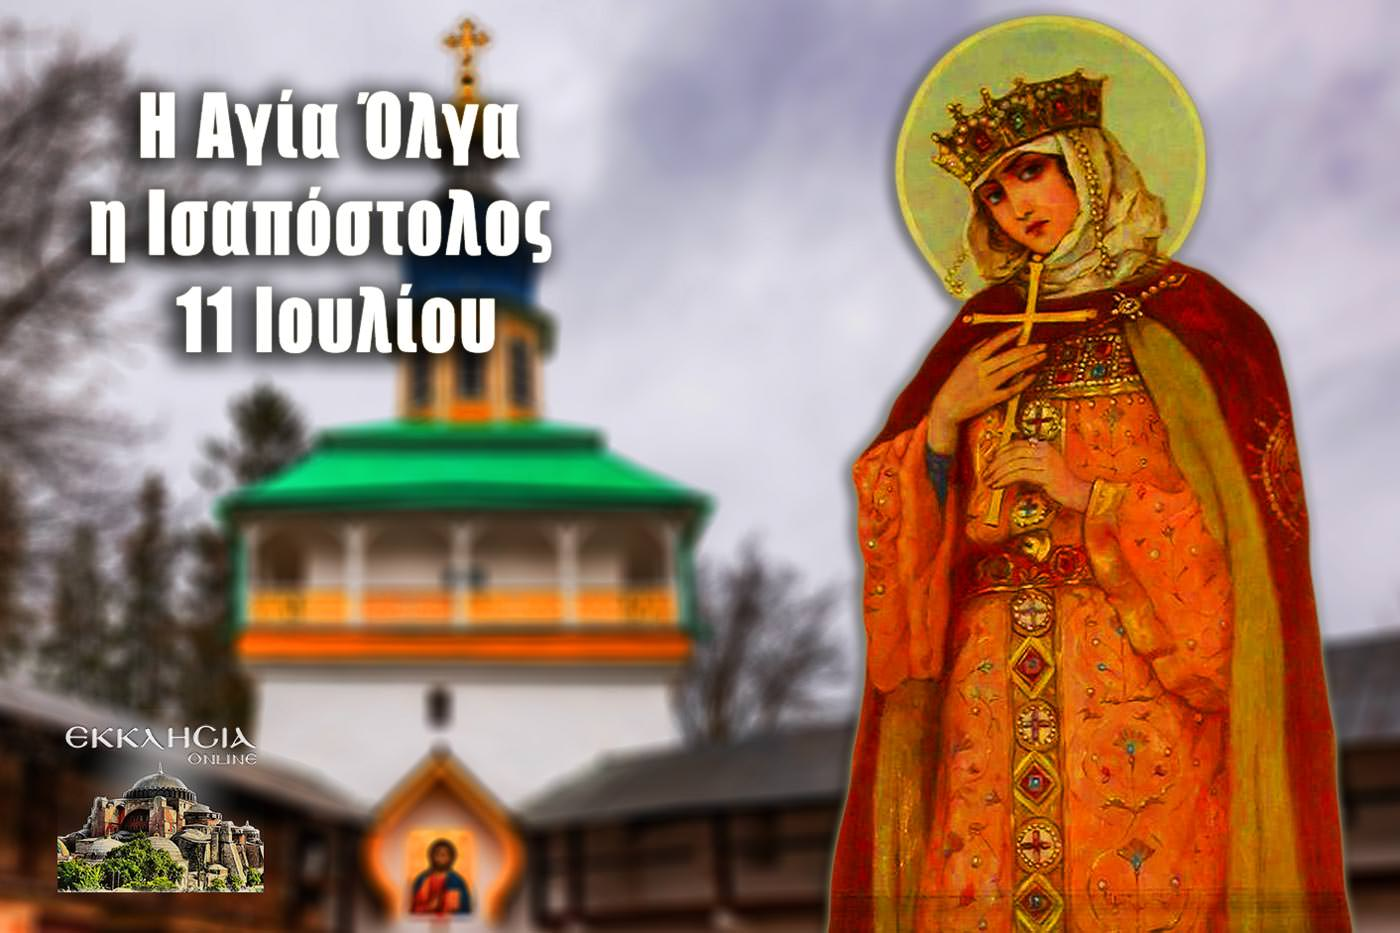 Αγία Όλγα 11 Ιουλίου